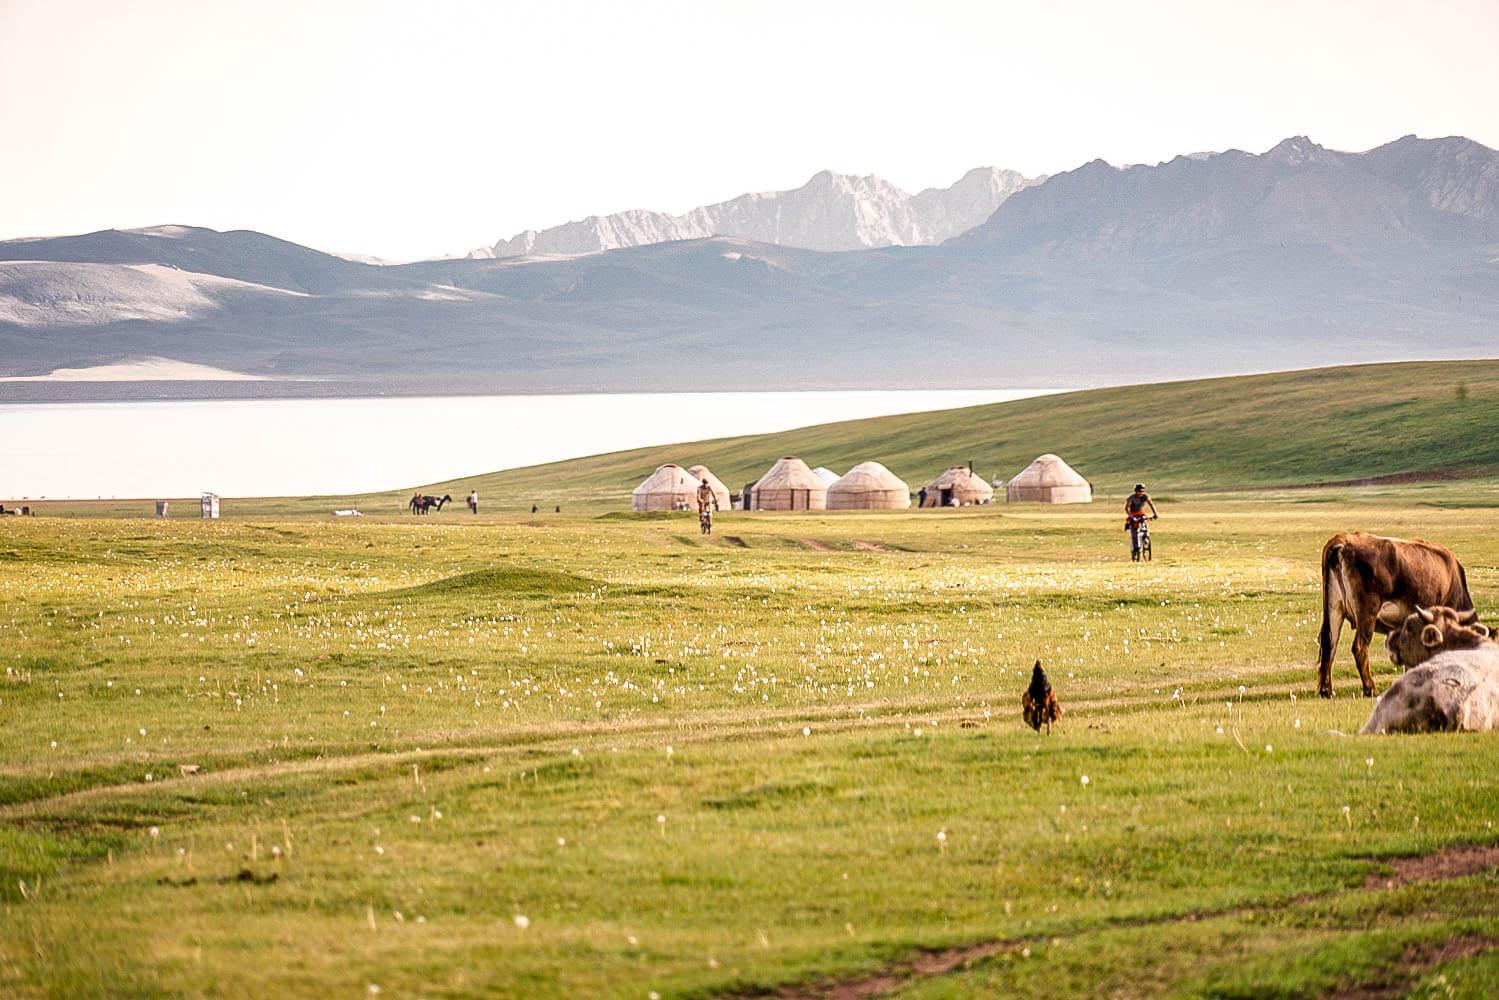 Kazarman – Song Kul (240 km, 6-7h)